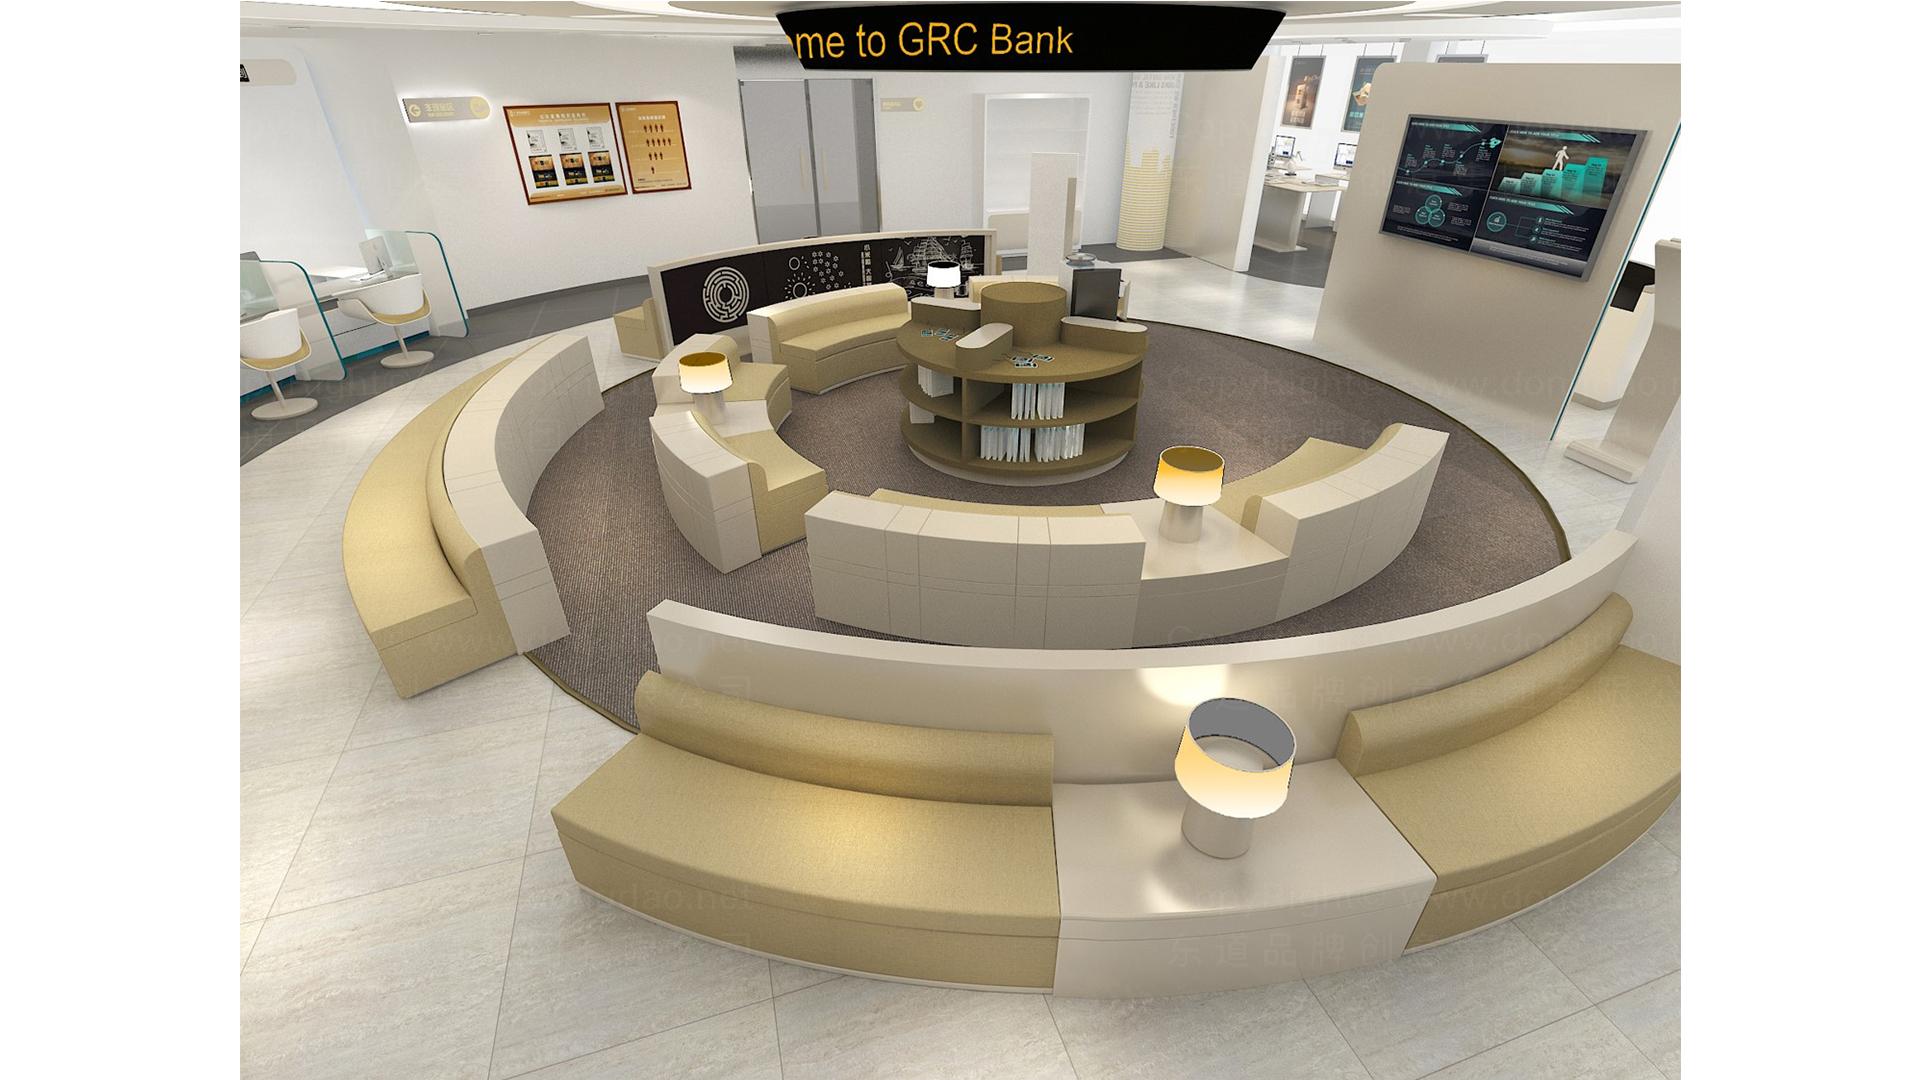 广州农商行银行网点SI设计应用场景_1